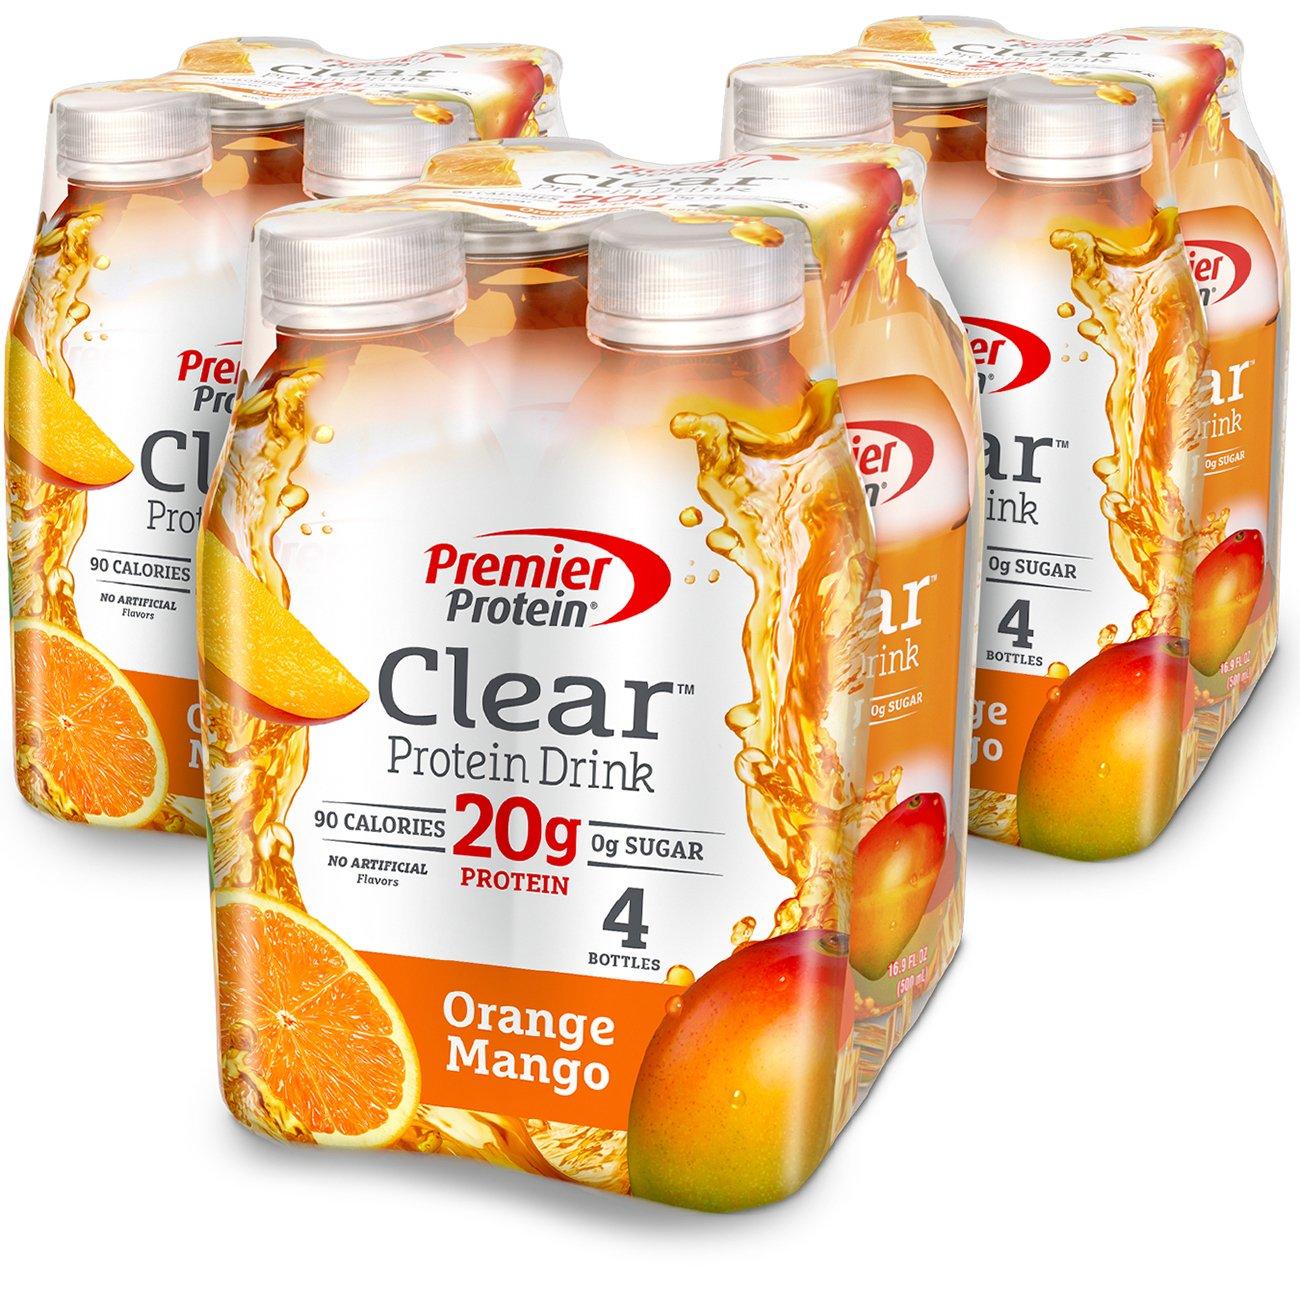 Premier Protein Clear  Drink, Orange Mango, 16.9 fl oz Bottle, (12 Count)